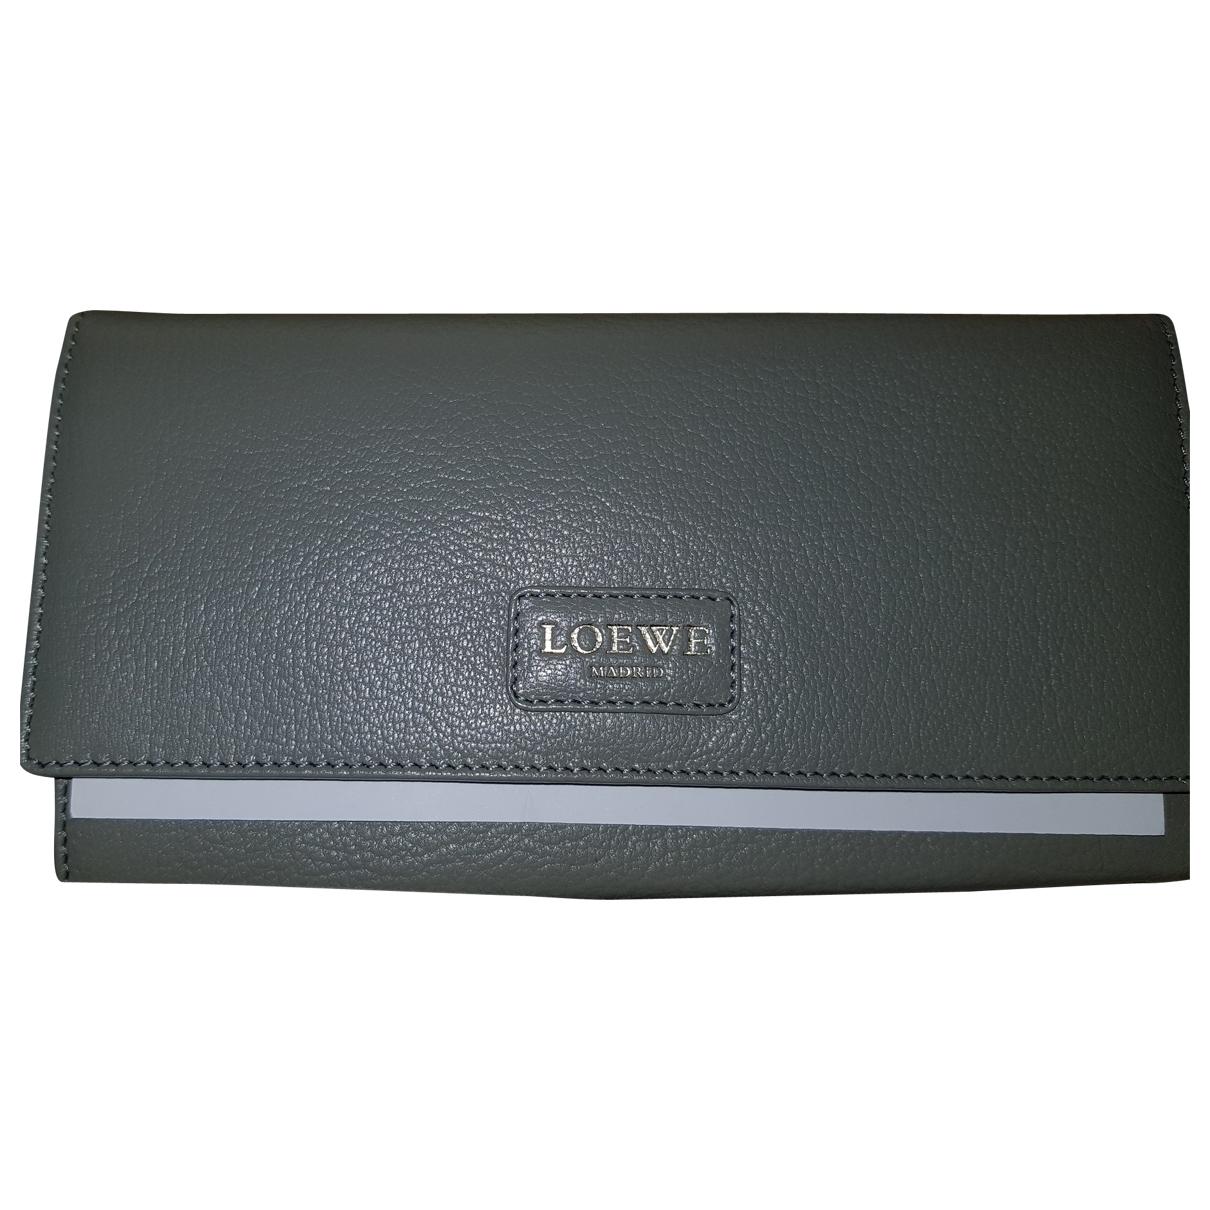 Loewe - Portefeuille   pour femme en cuir - gris